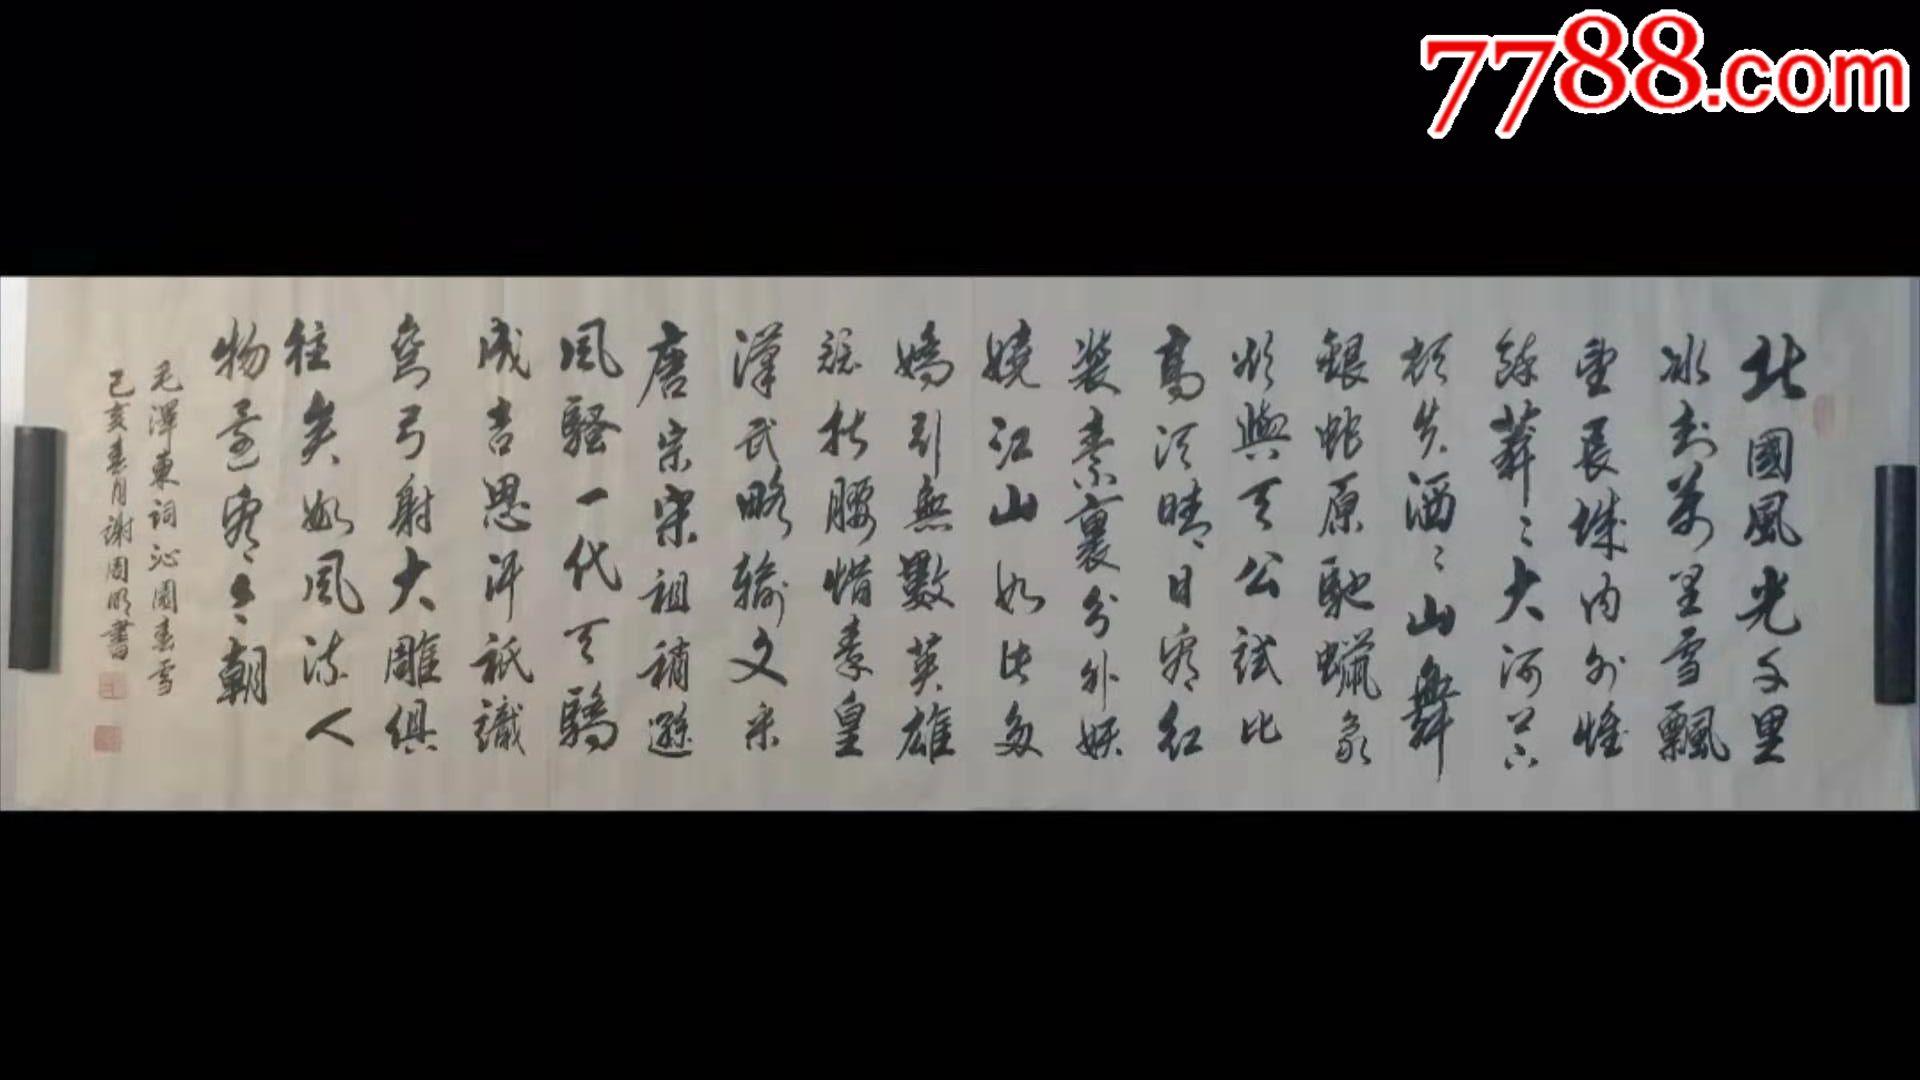 中书协谢周明真迹,尺寸280×70(au19548360)_